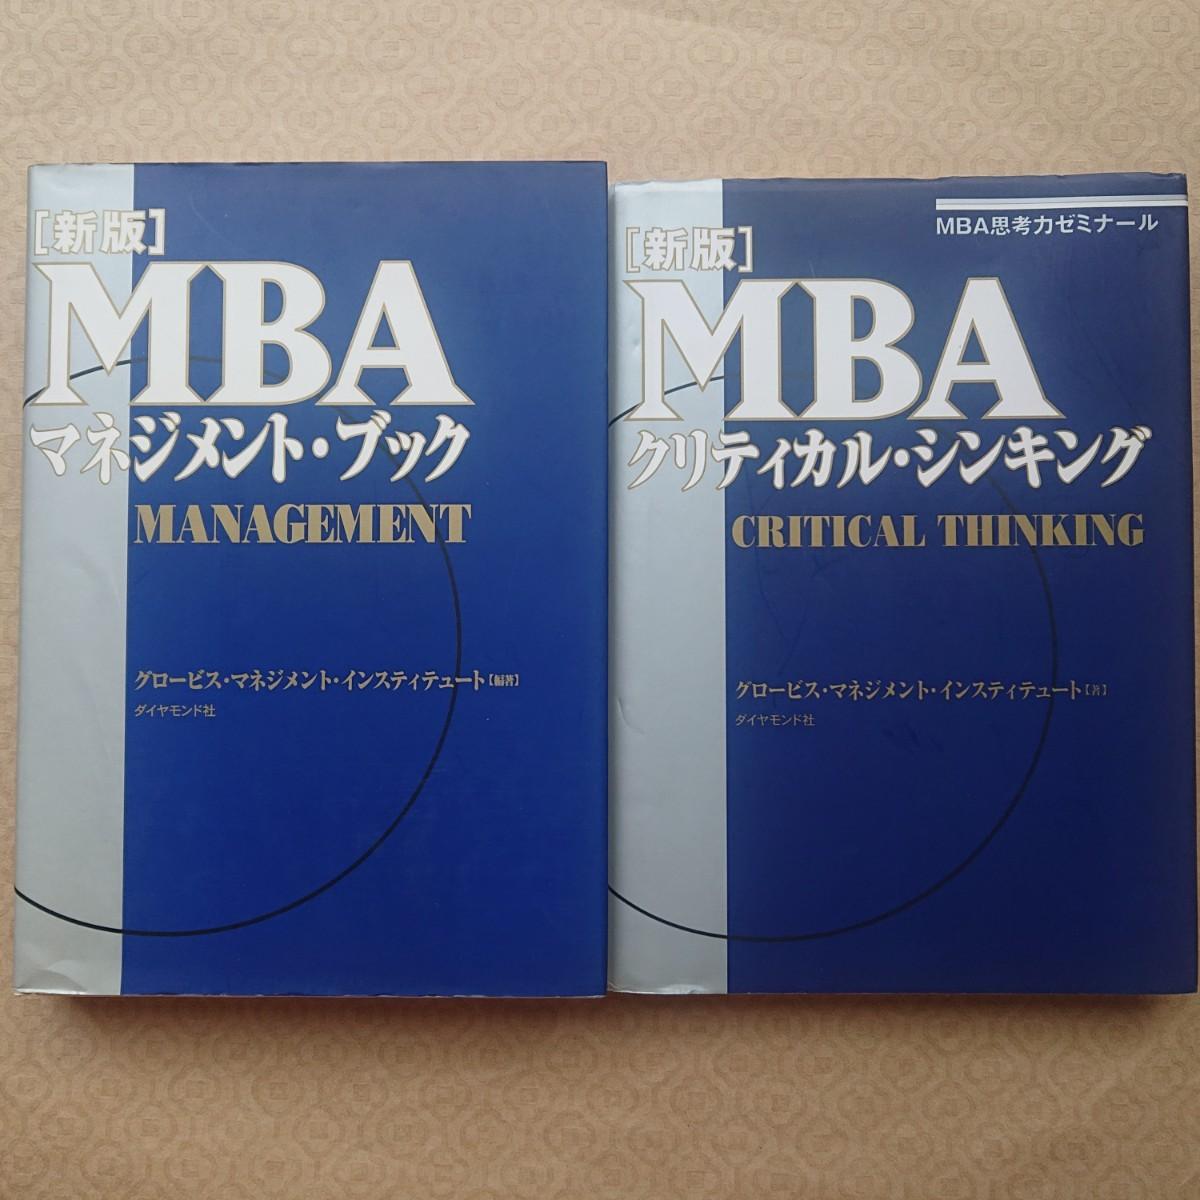 MBAマネジメント・ブック,MBAクリティカル・シンキング 2冊まとめて